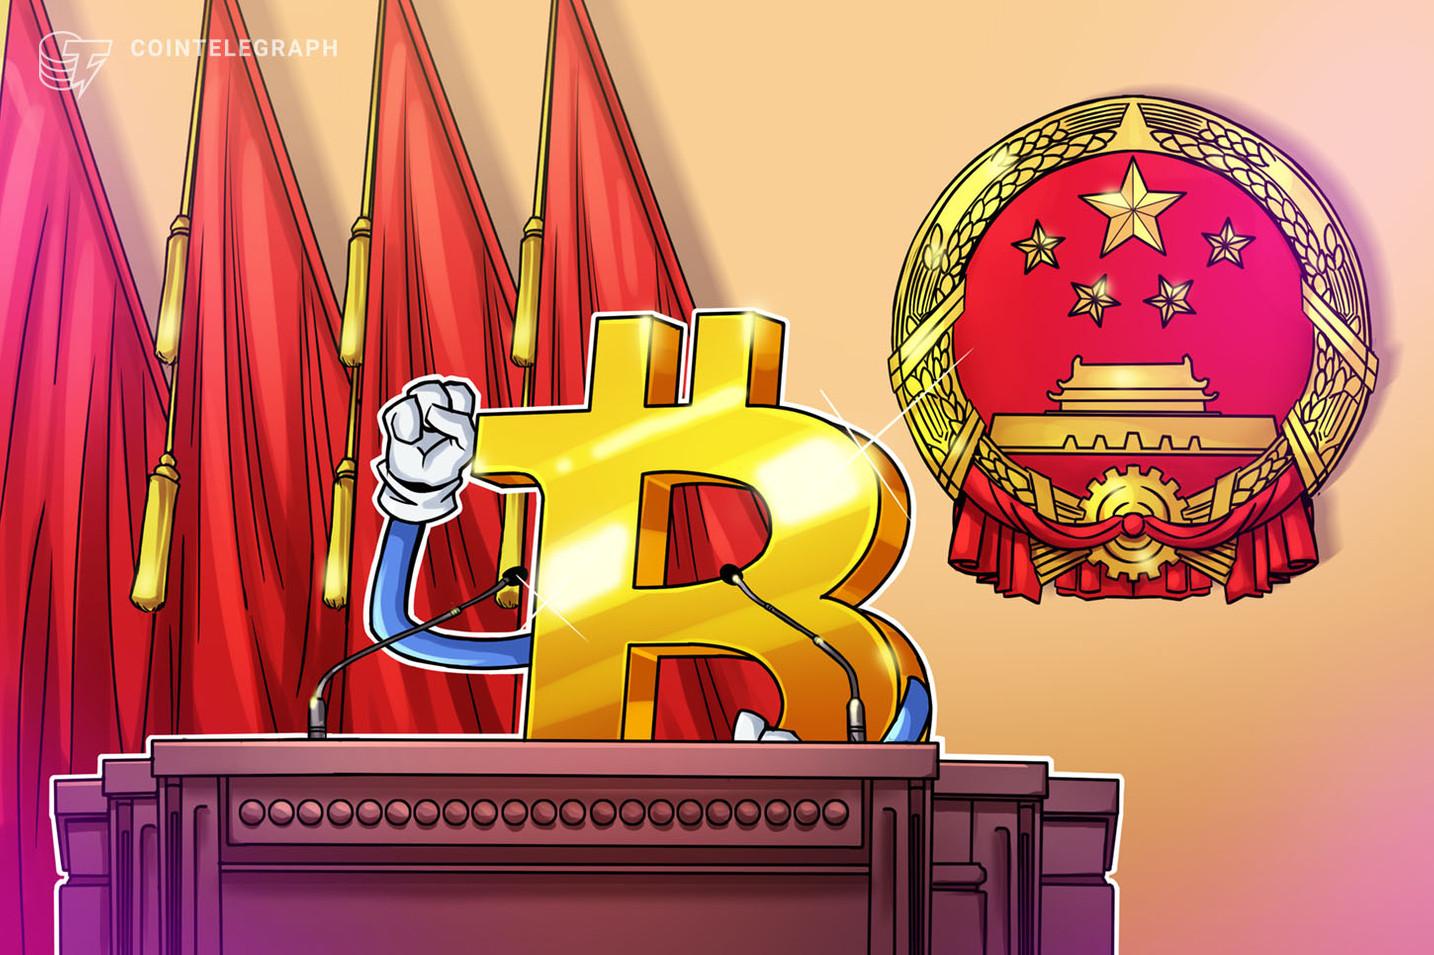 La Cina 'approva' gli investimenti in BTC: 5 cose da osservare in Bitcoin questa settimana